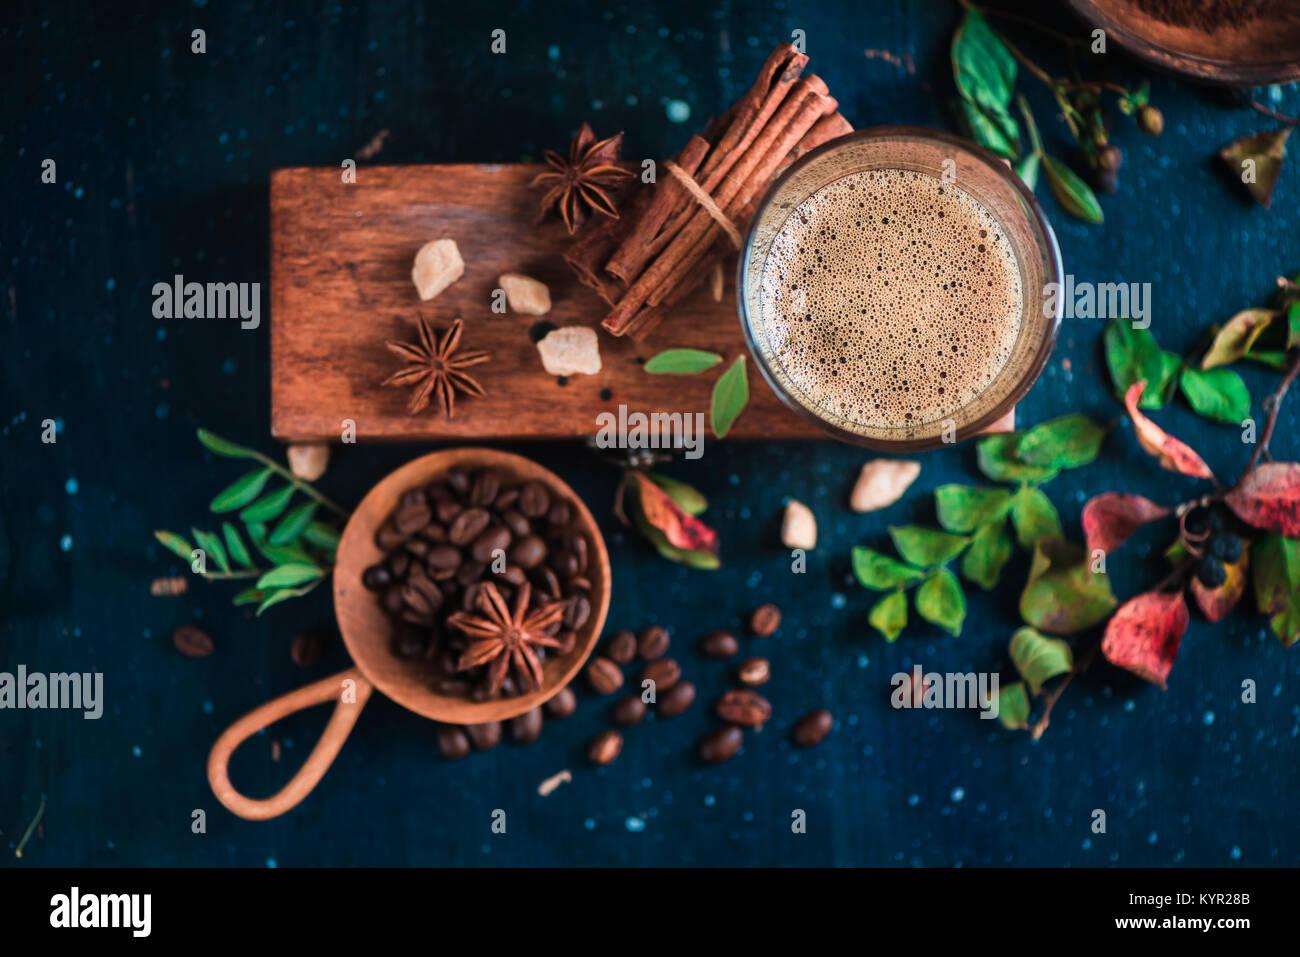 Flach mit Espresso shot mit Schaum auf einer Holzkiste, Kaffeebohnen, arabica Blätter, Zimt und Gewürze Stockbild